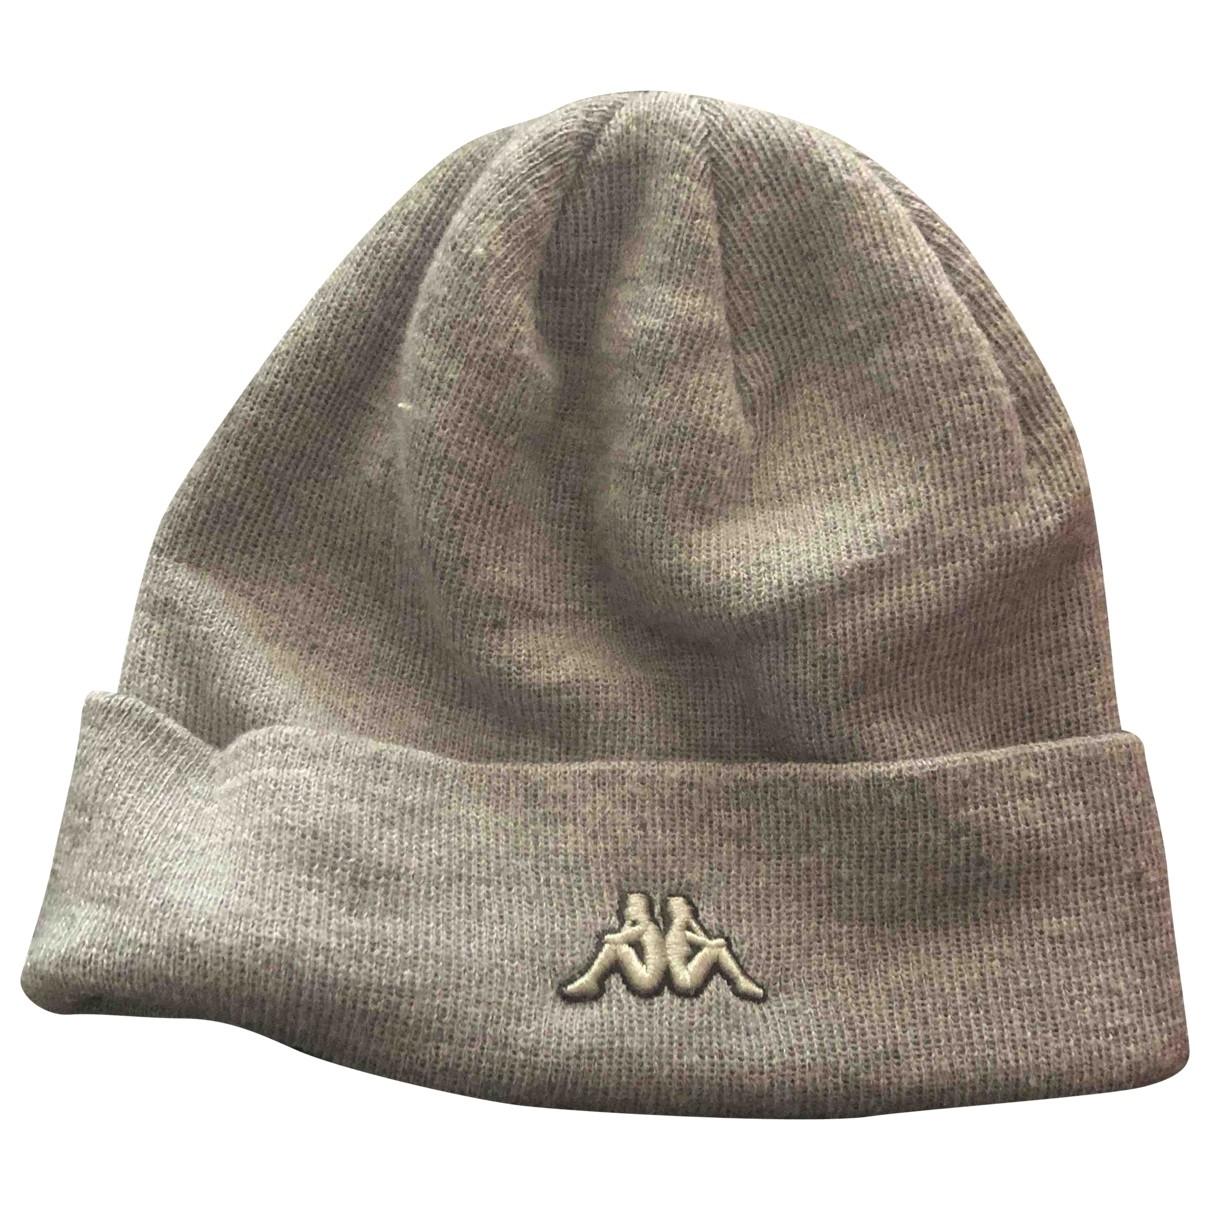 Kappa - Chapeau & Bonnets   pour homme en laine - gris